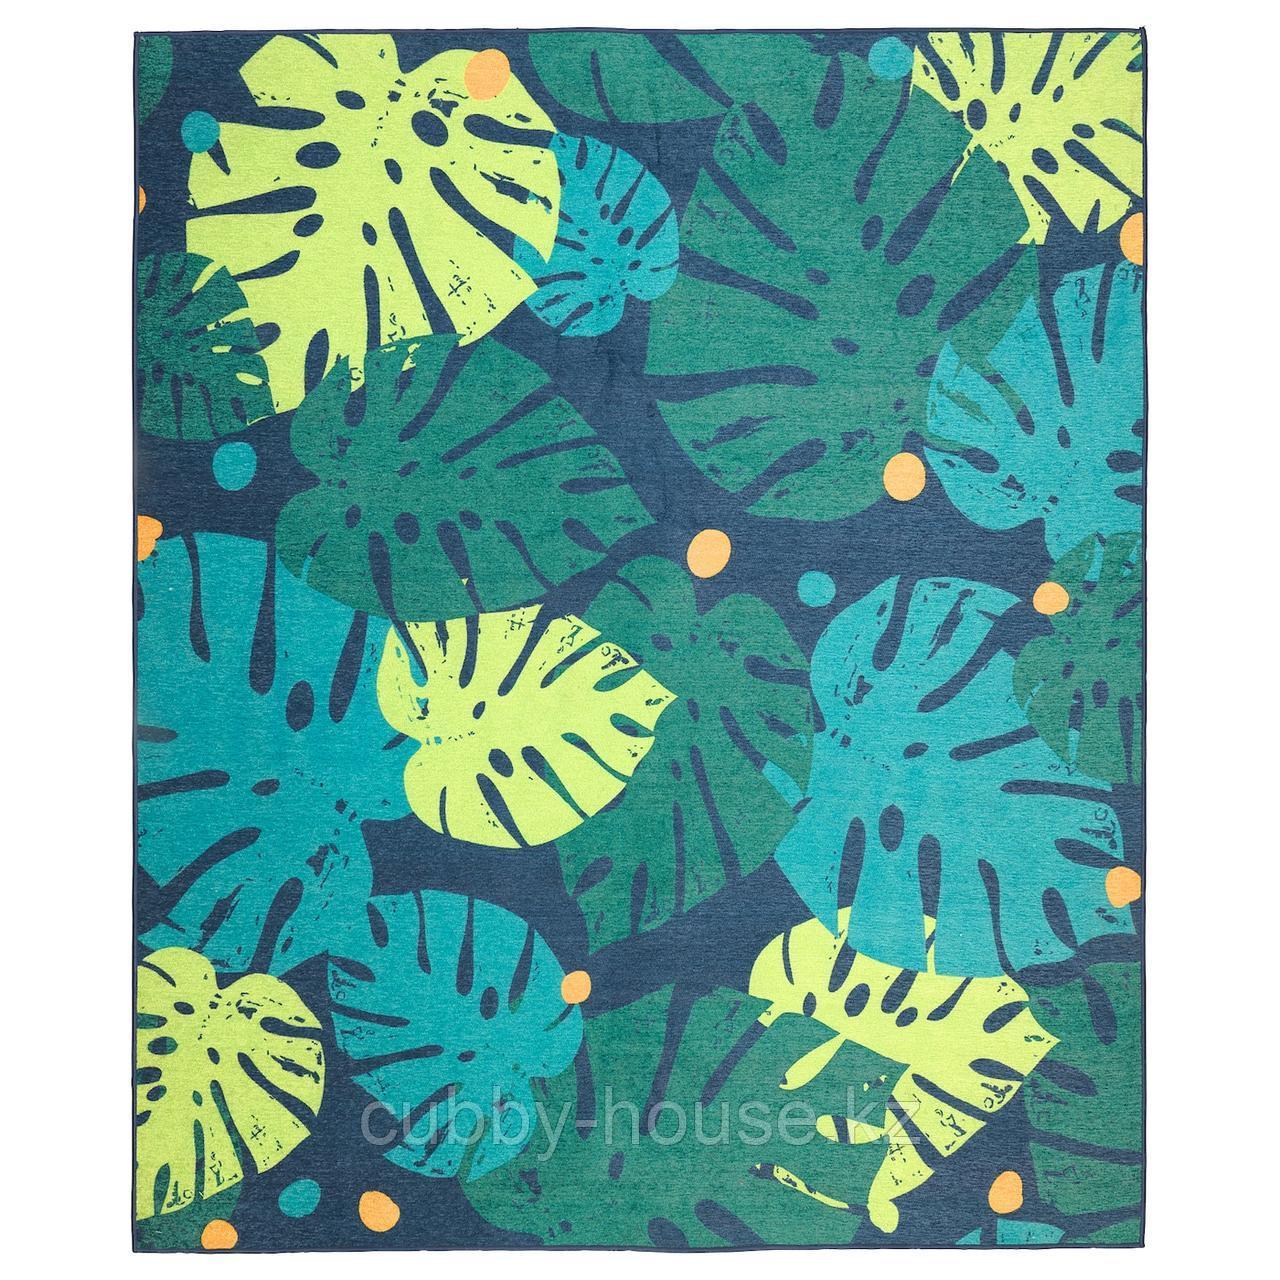 УРСКОГ Ковер безворсовый, лист, зеленый, 133x160 см